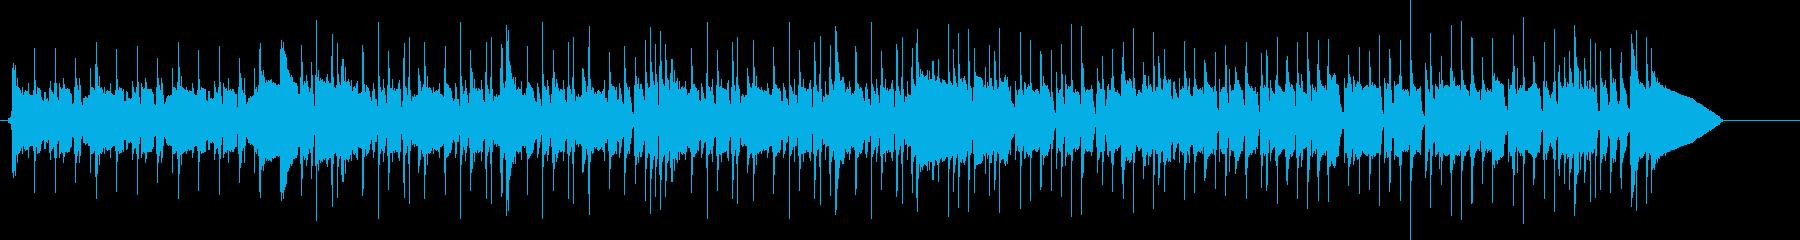 ベーススラップソロのロックインスト、CMの再生済みの波形